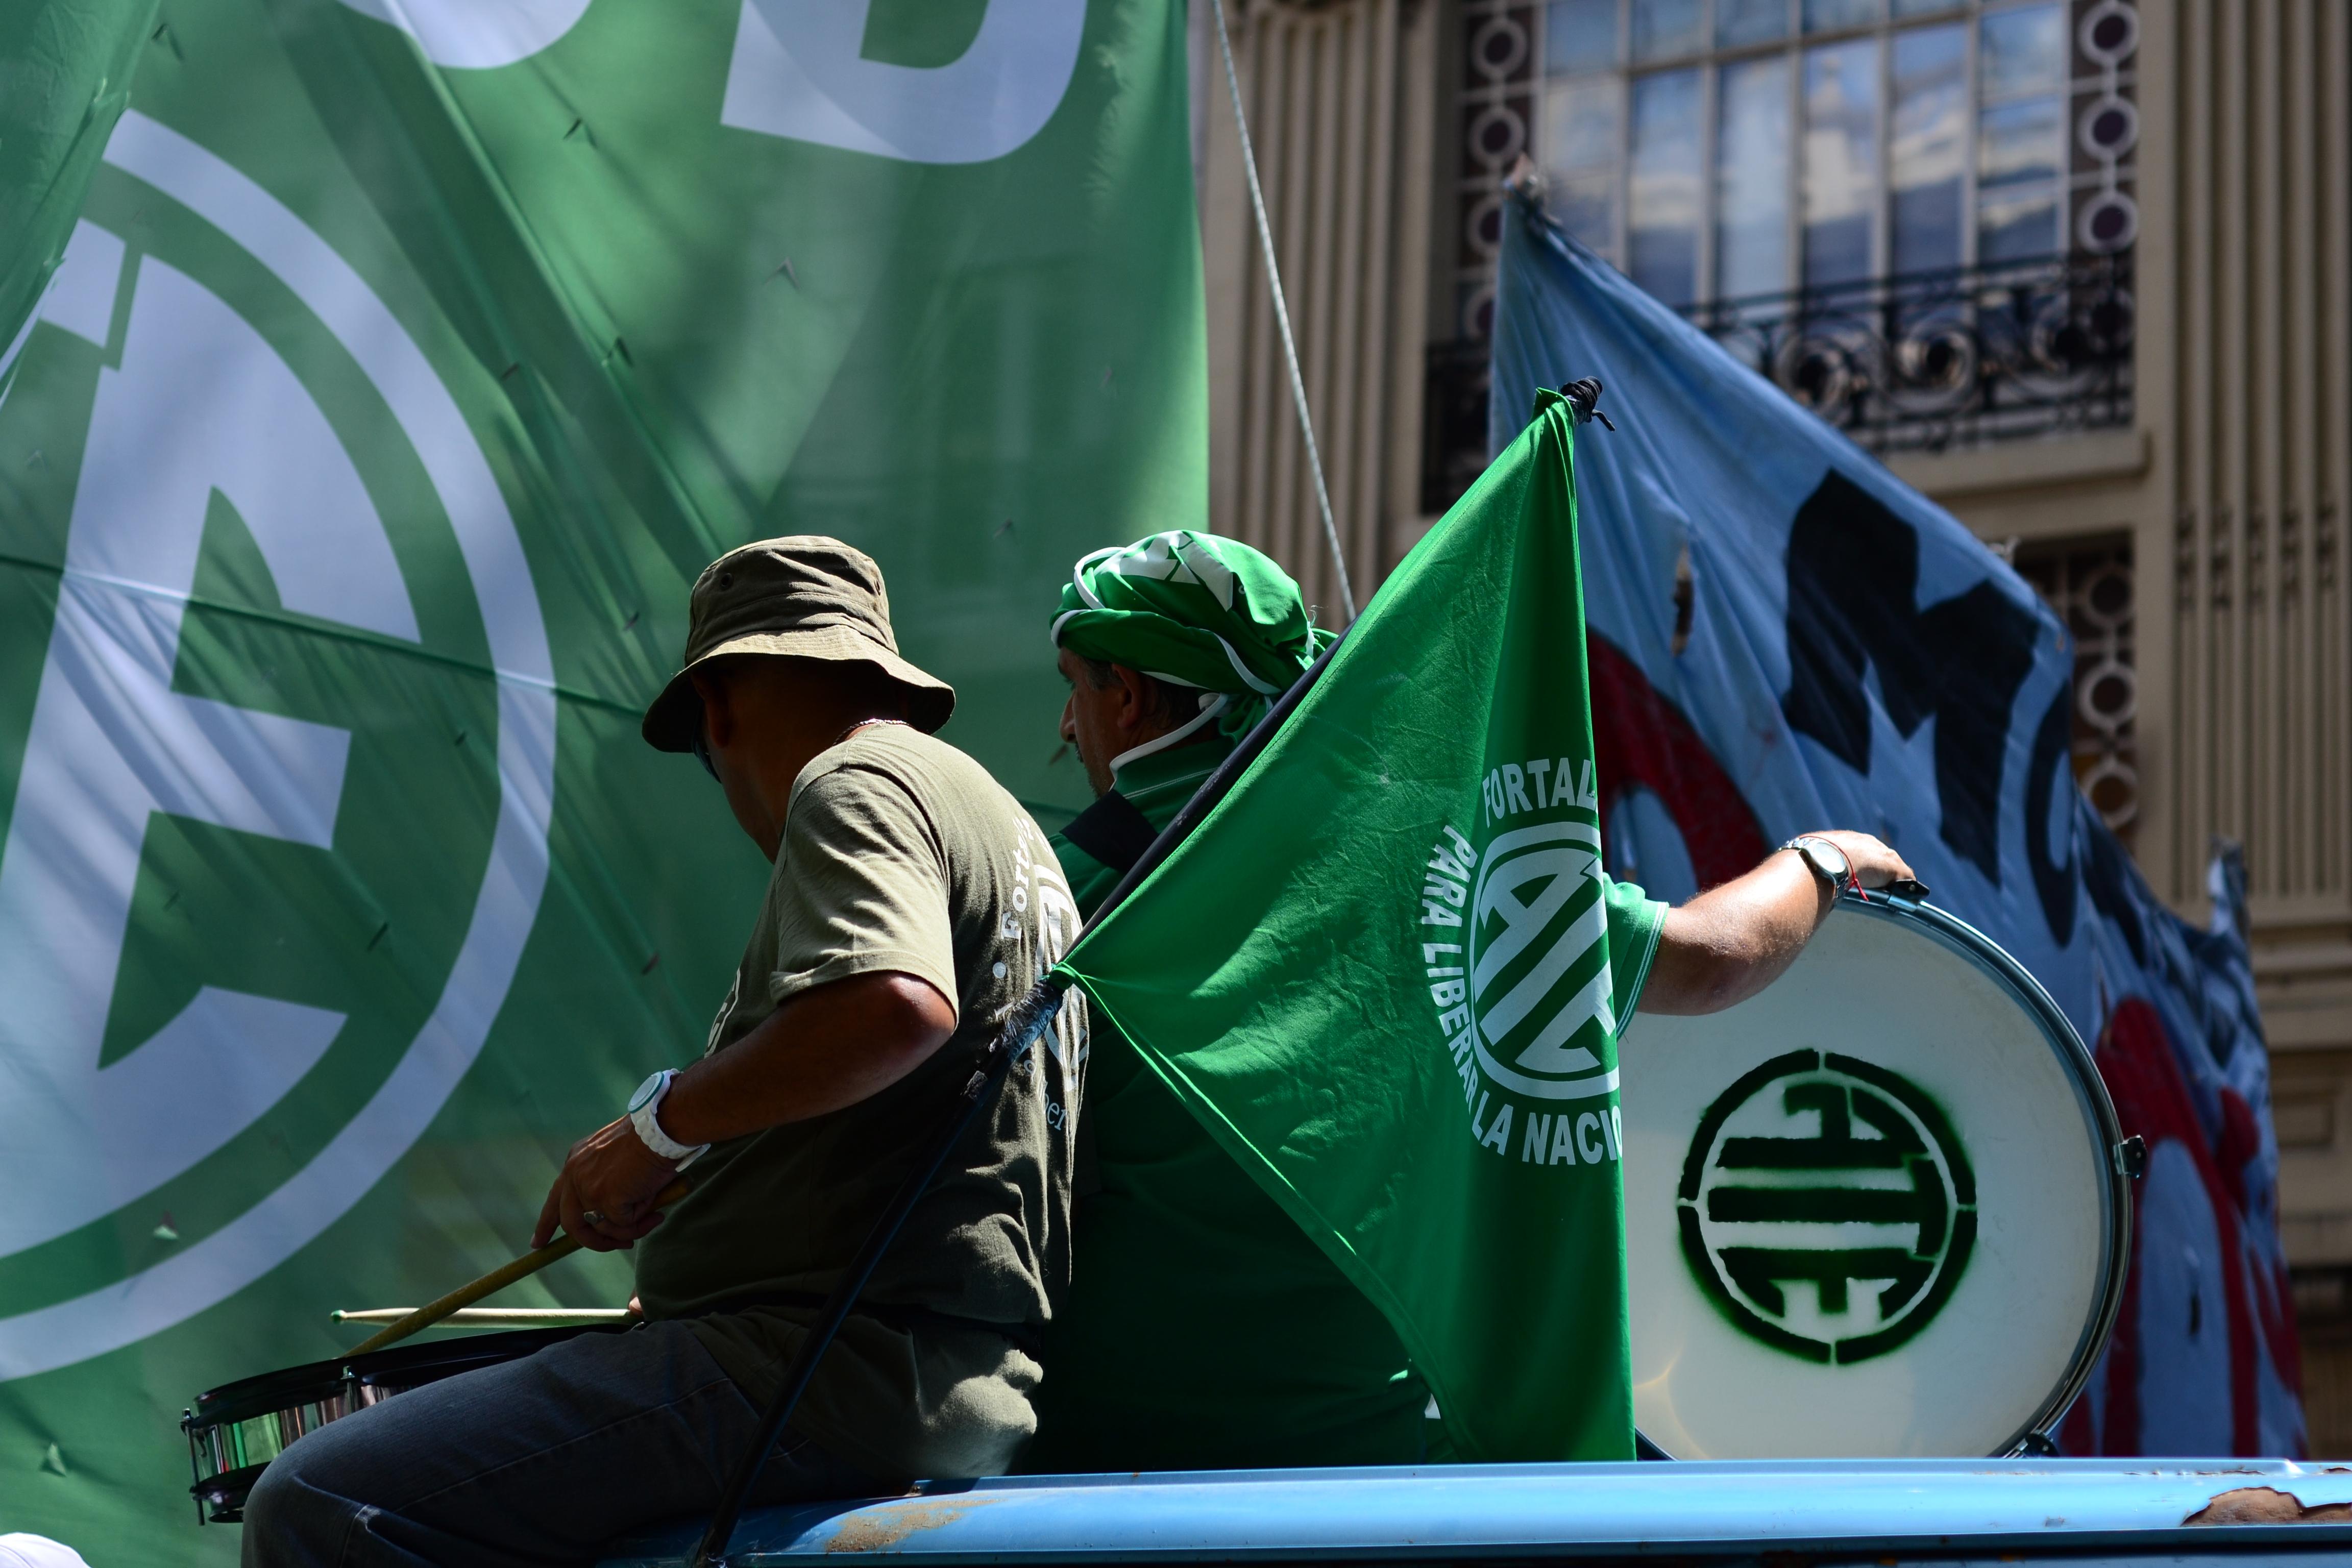 Voces de dirigentes opositores en la Jornada de paro y movilización